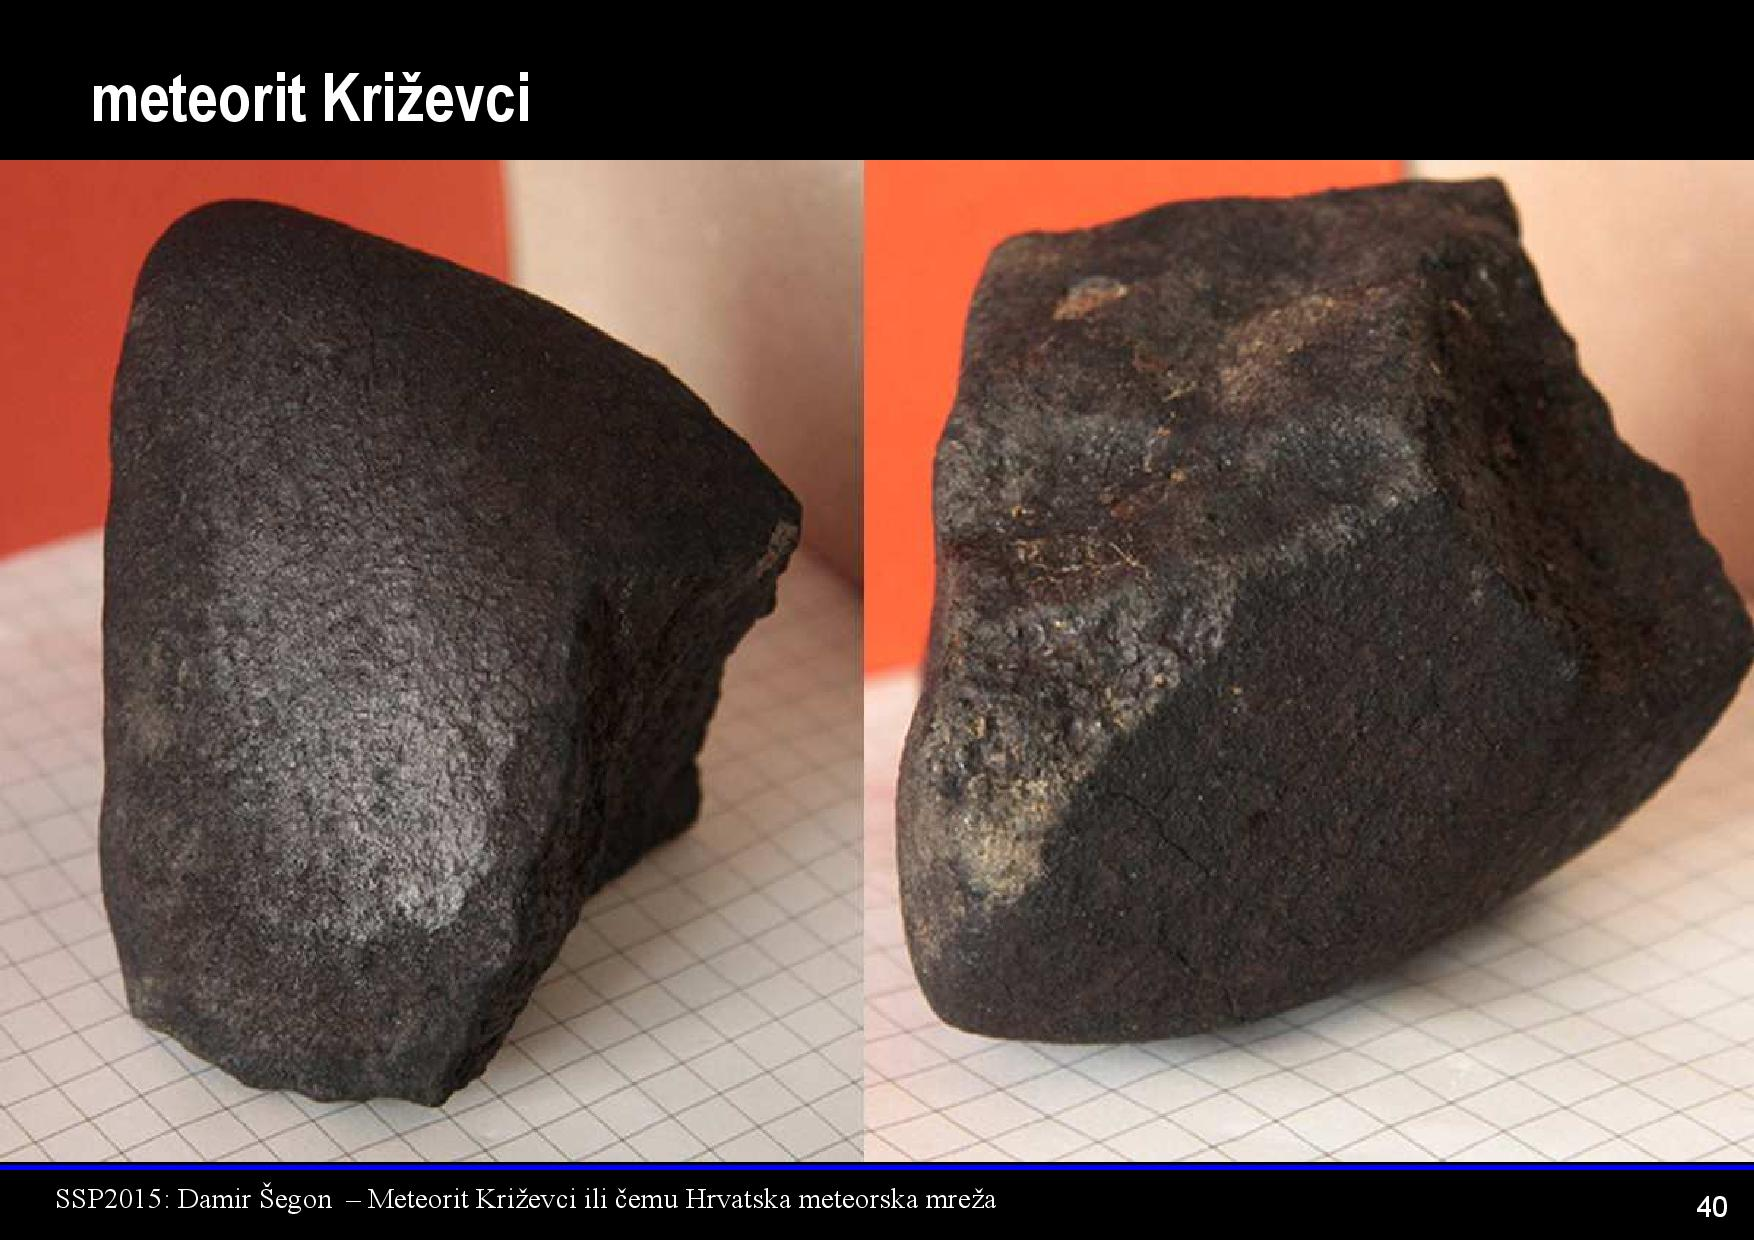 Meteorit Križevci (iz prezentacije jednoga od predavača, Damira Šegona)